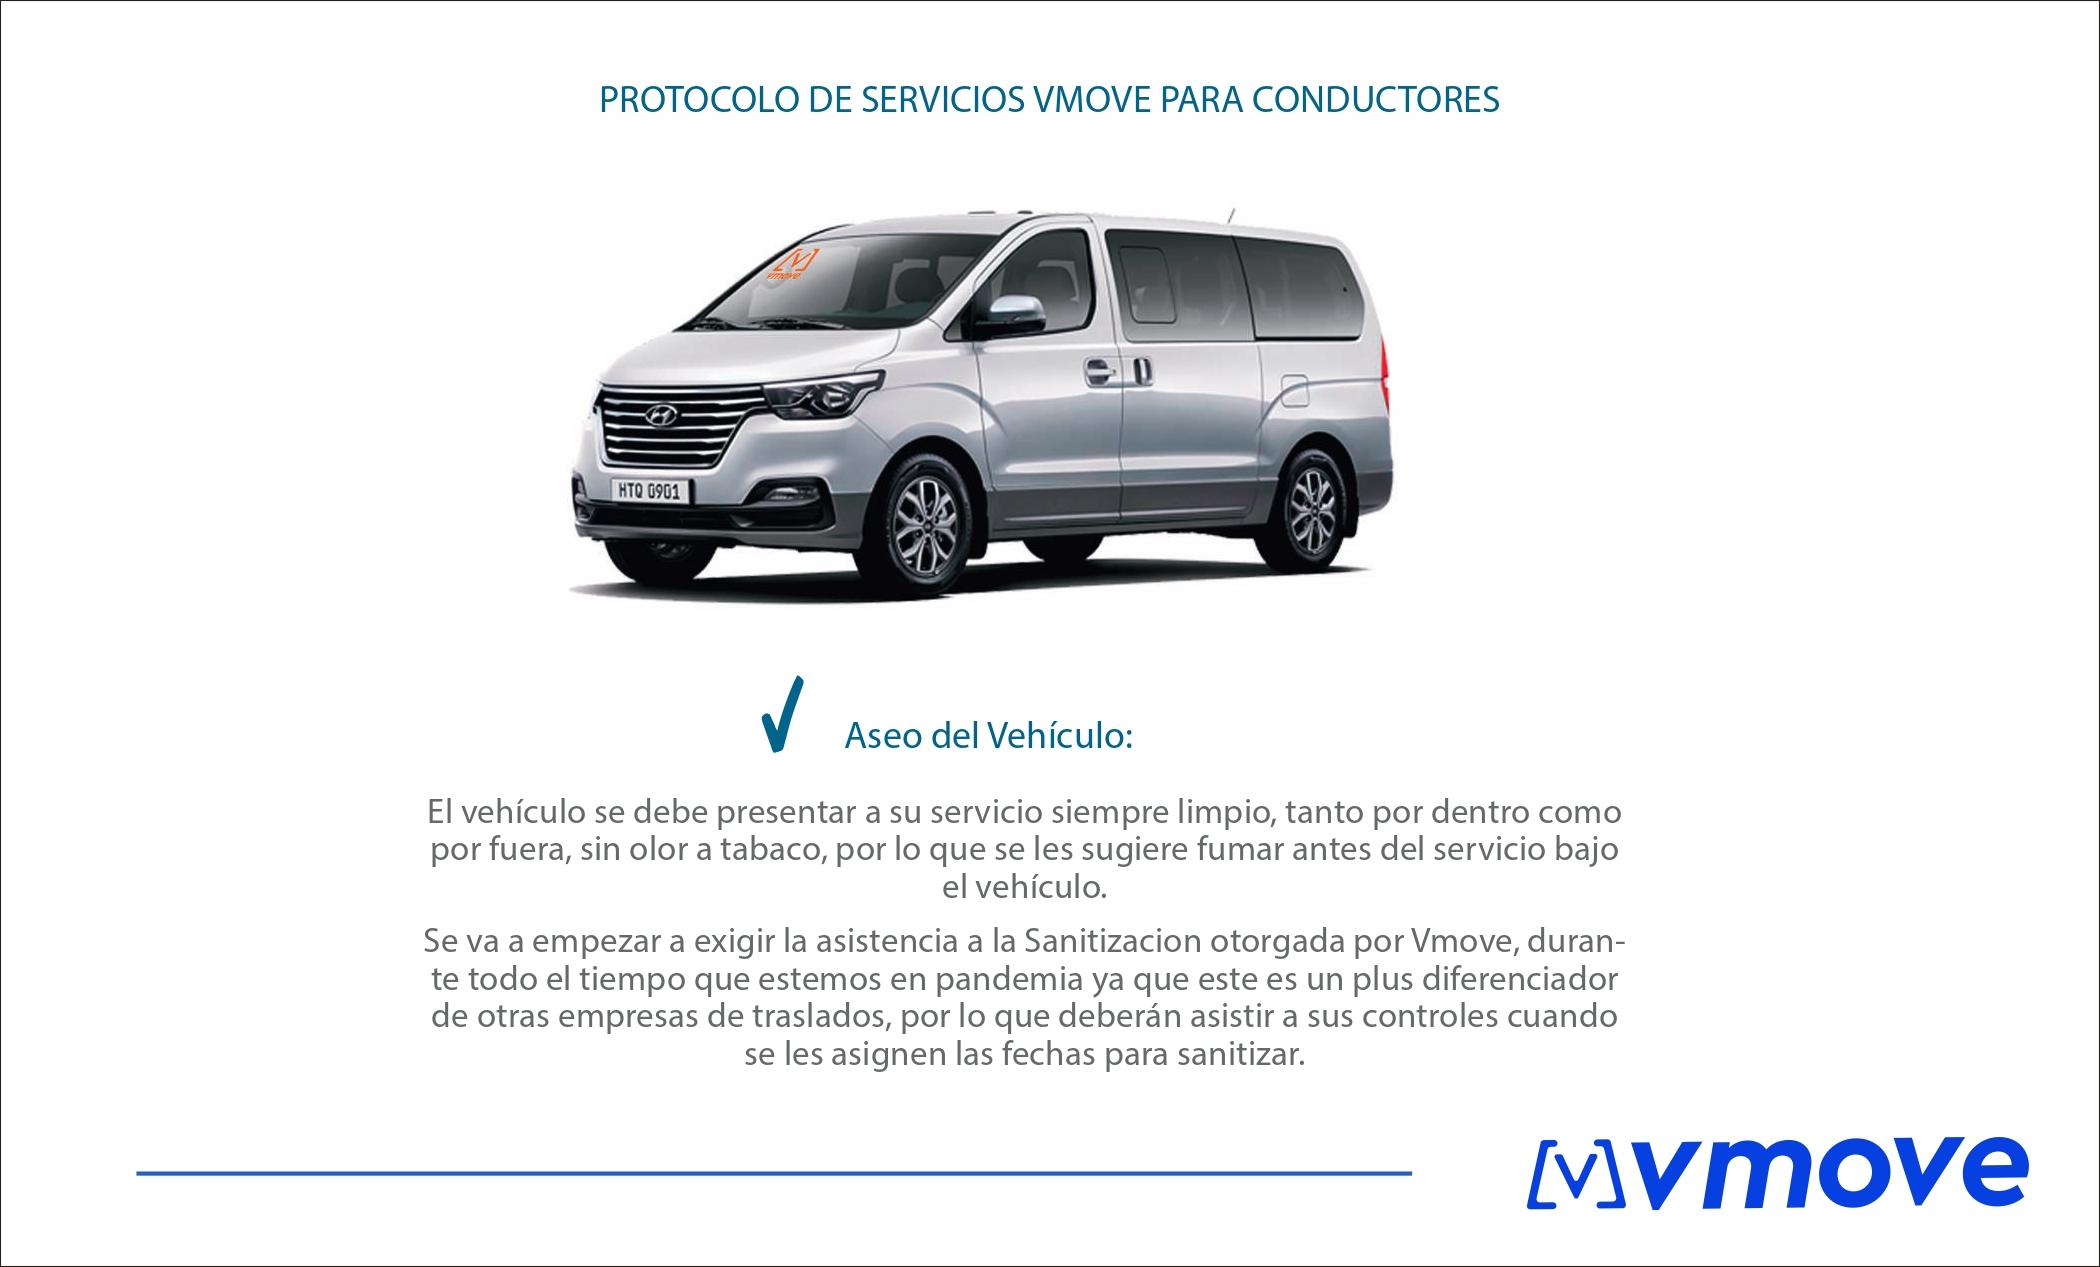 protocolo-conductores_vmove_page-0007